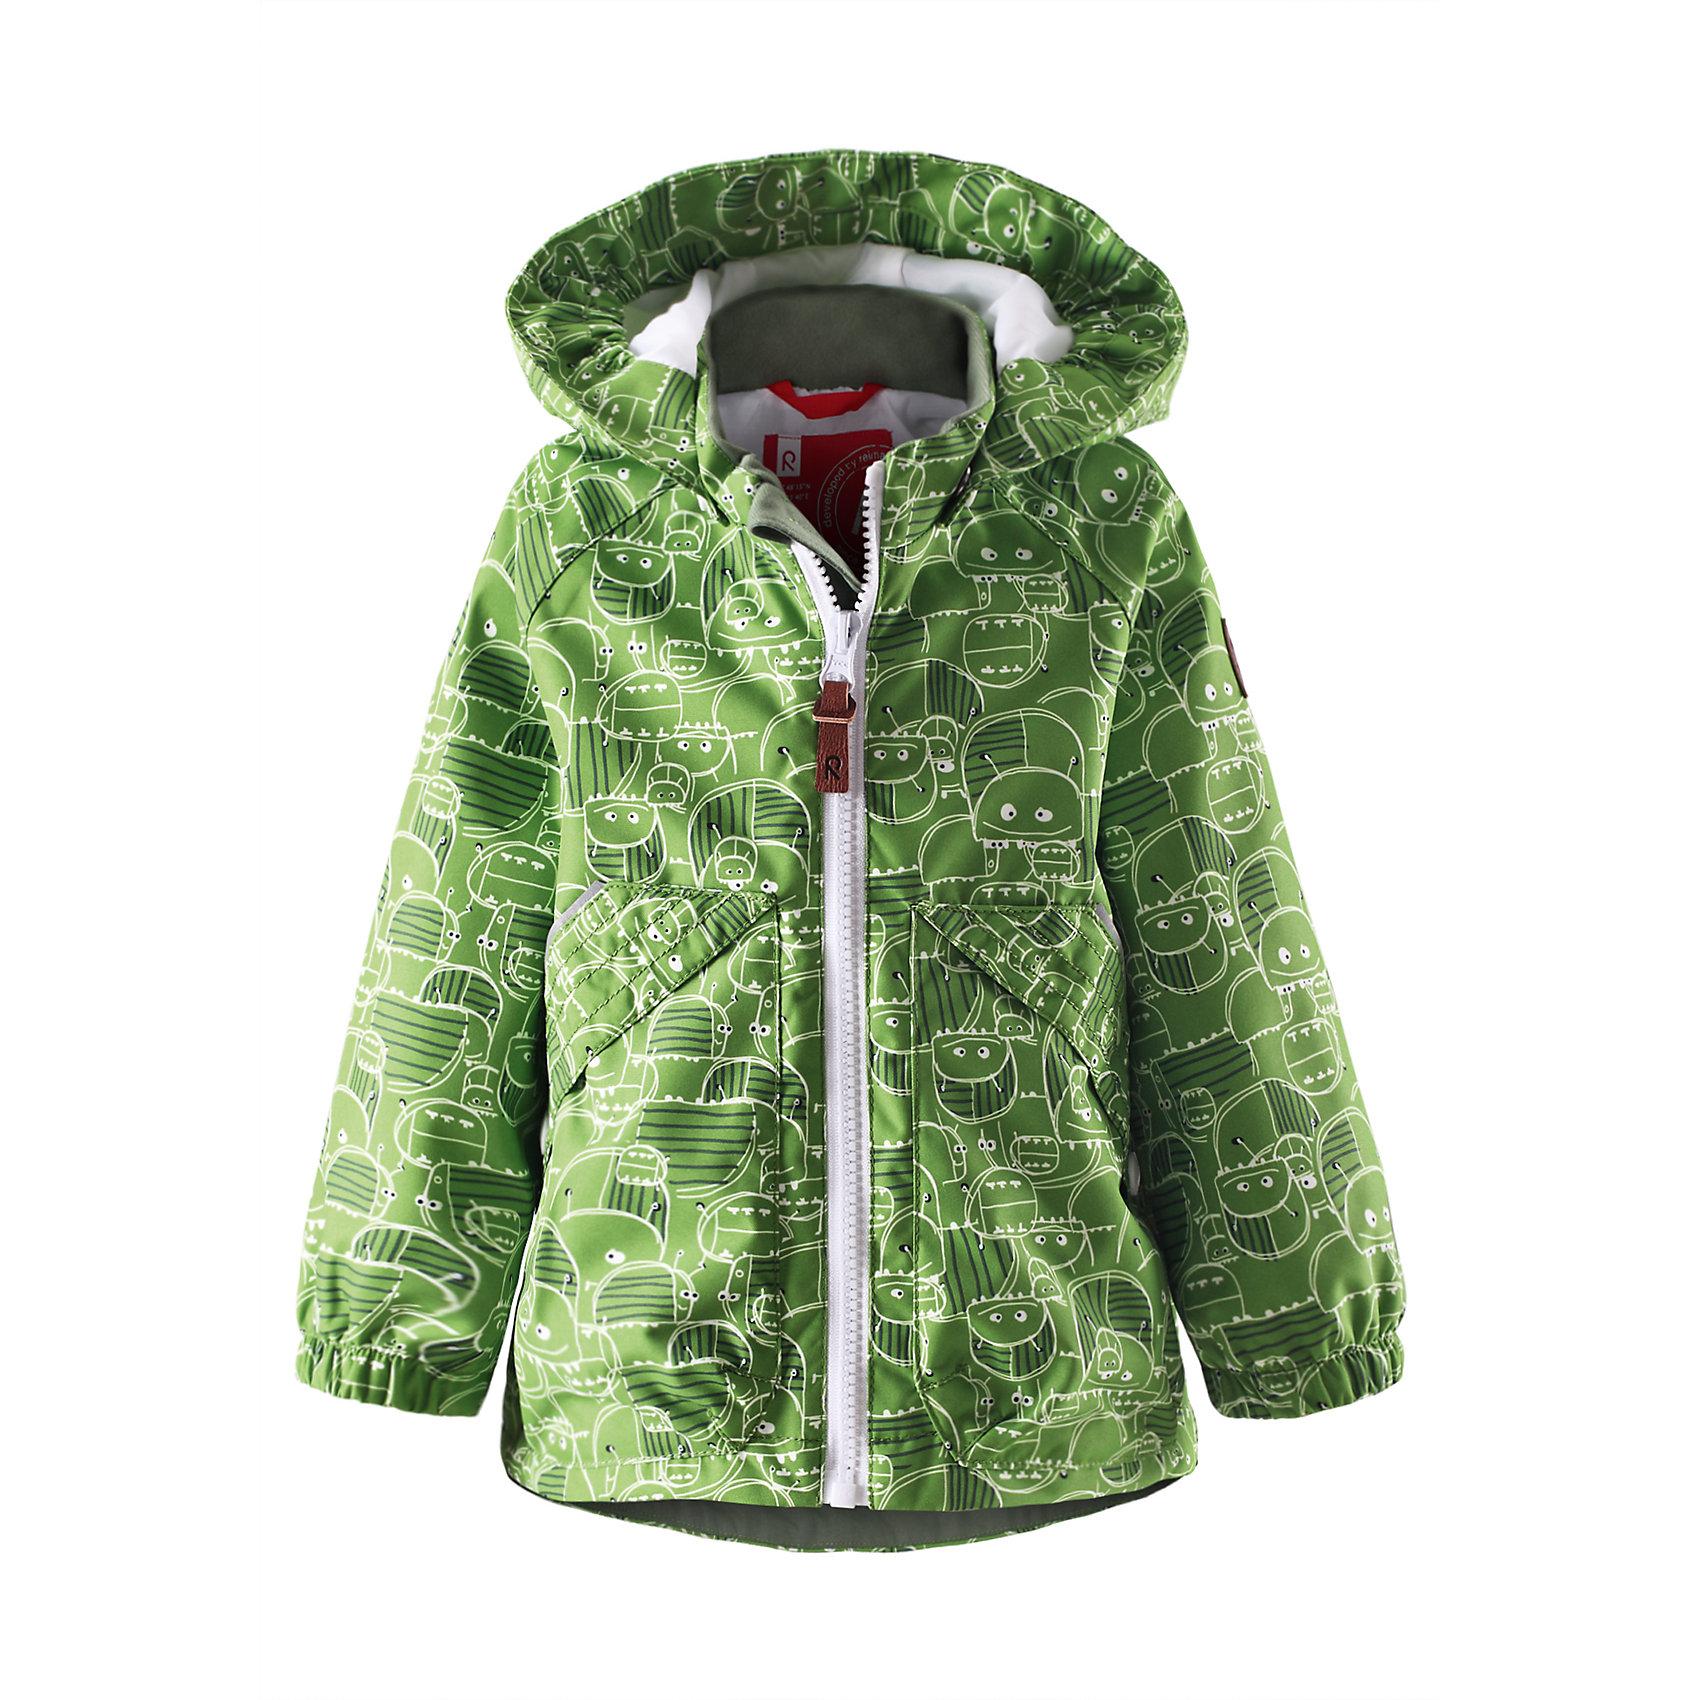 Куртка ReimaКуртка от финской марки Reima.<br>*Куртка демисезонная для малышей*Основные швы проклеены и не пропускают влагу*Водоотталкивающий, ветронепроницаемый и «дышащий» материал*Гладкая подкладка из полиэстра*Безопасный, съемный капюшон*Два кармана с клапанами*Безопасные светоотражающие детали<br>Состав:<br>100% ПЭ, ПУ-покрытие<br><br>Ширина мм: 531<br>Глубина мм: 401<br>Высота мм: 68<br>Вес г: 338<br>Цвет: зеленый<br>Возраст от месяцев: 9<br>Возраст до месяцев: 12<br>Пол: Унисекс<br>Возраст: Детский<br>Размер: 80,98,92,86<br>SKU: 4631333